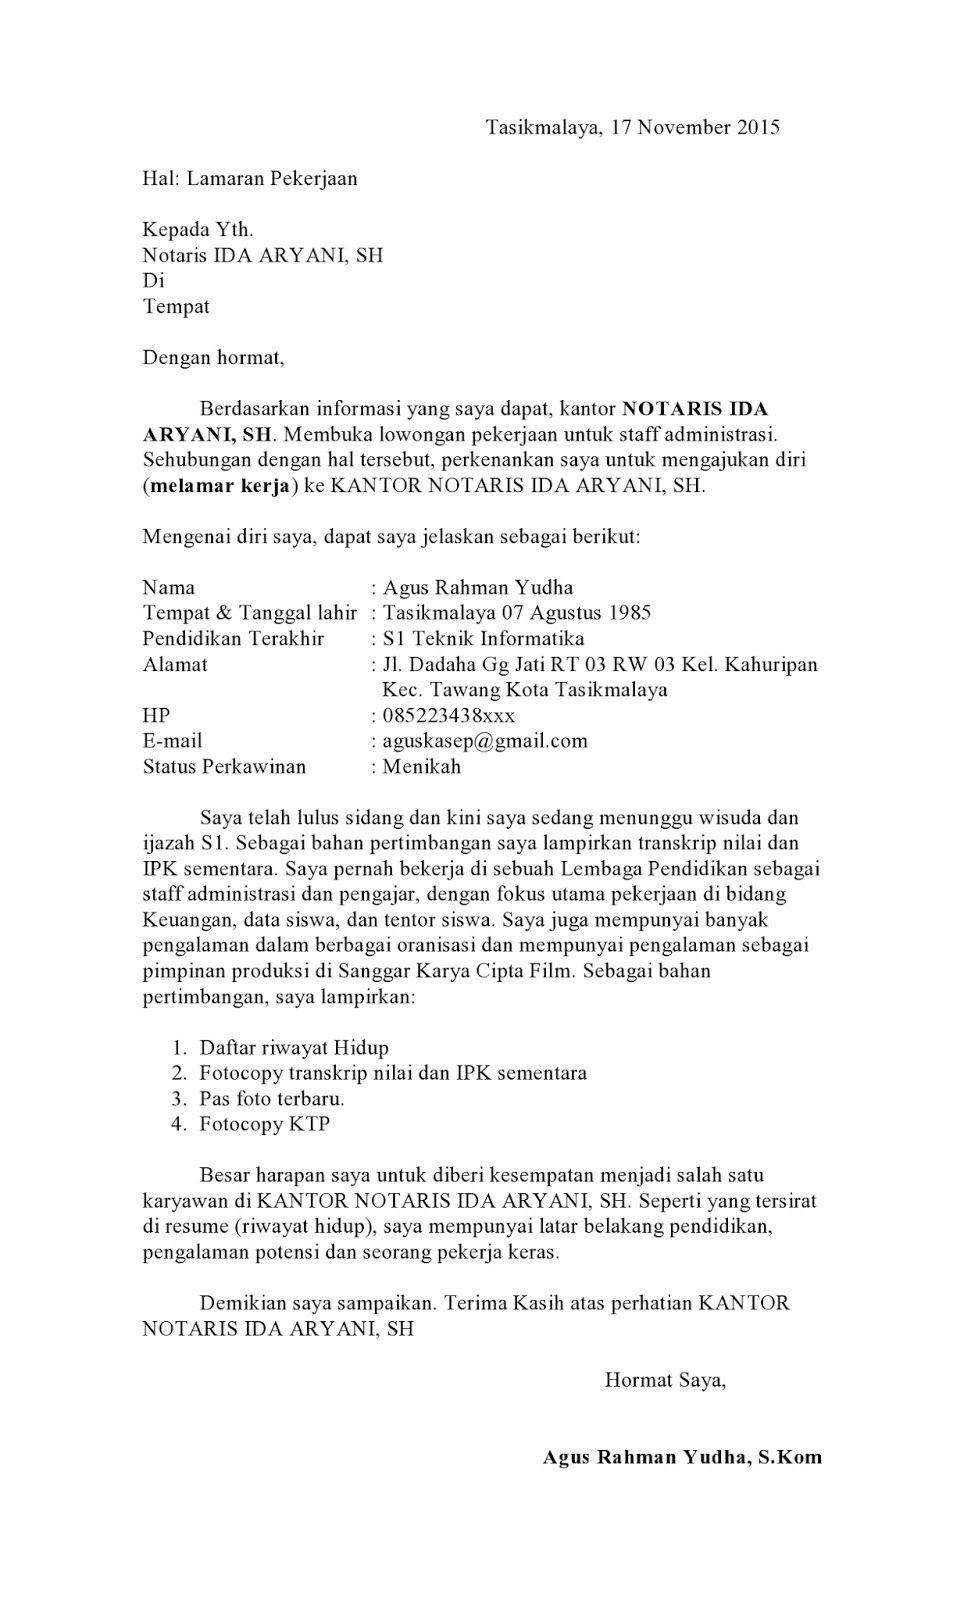 Contoh Cover Letter Untuk Fresh Graduate